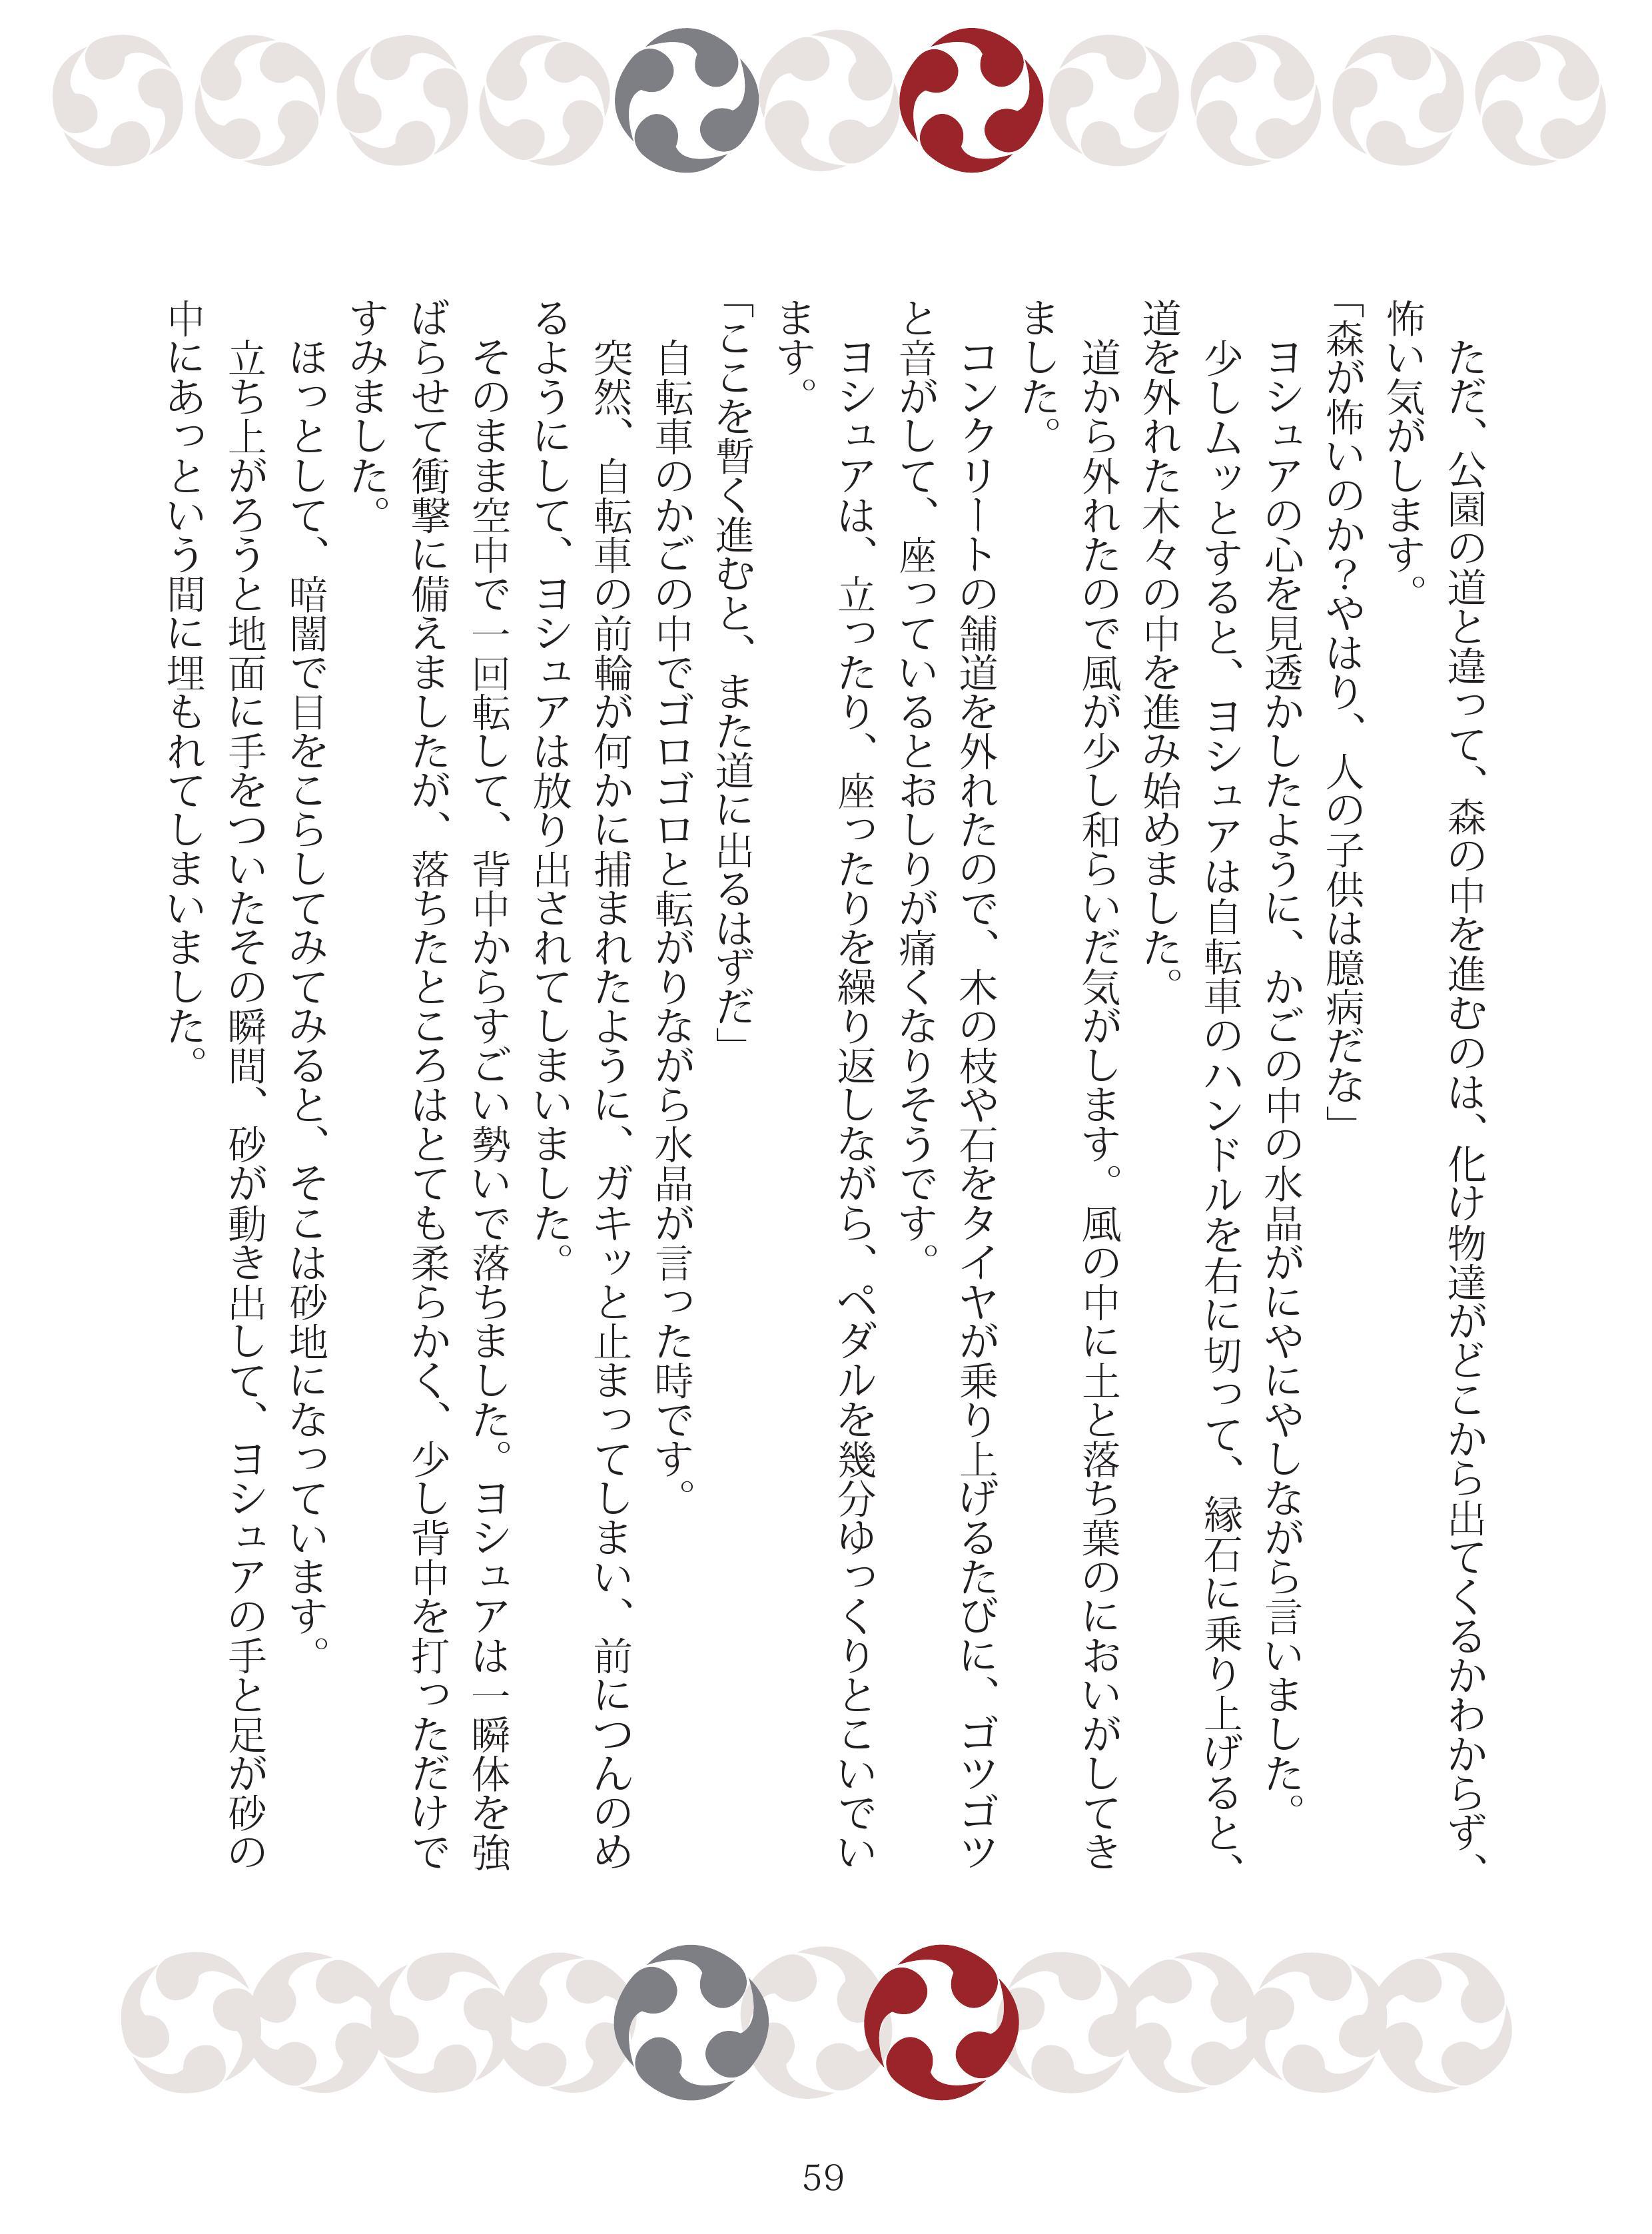 image_060